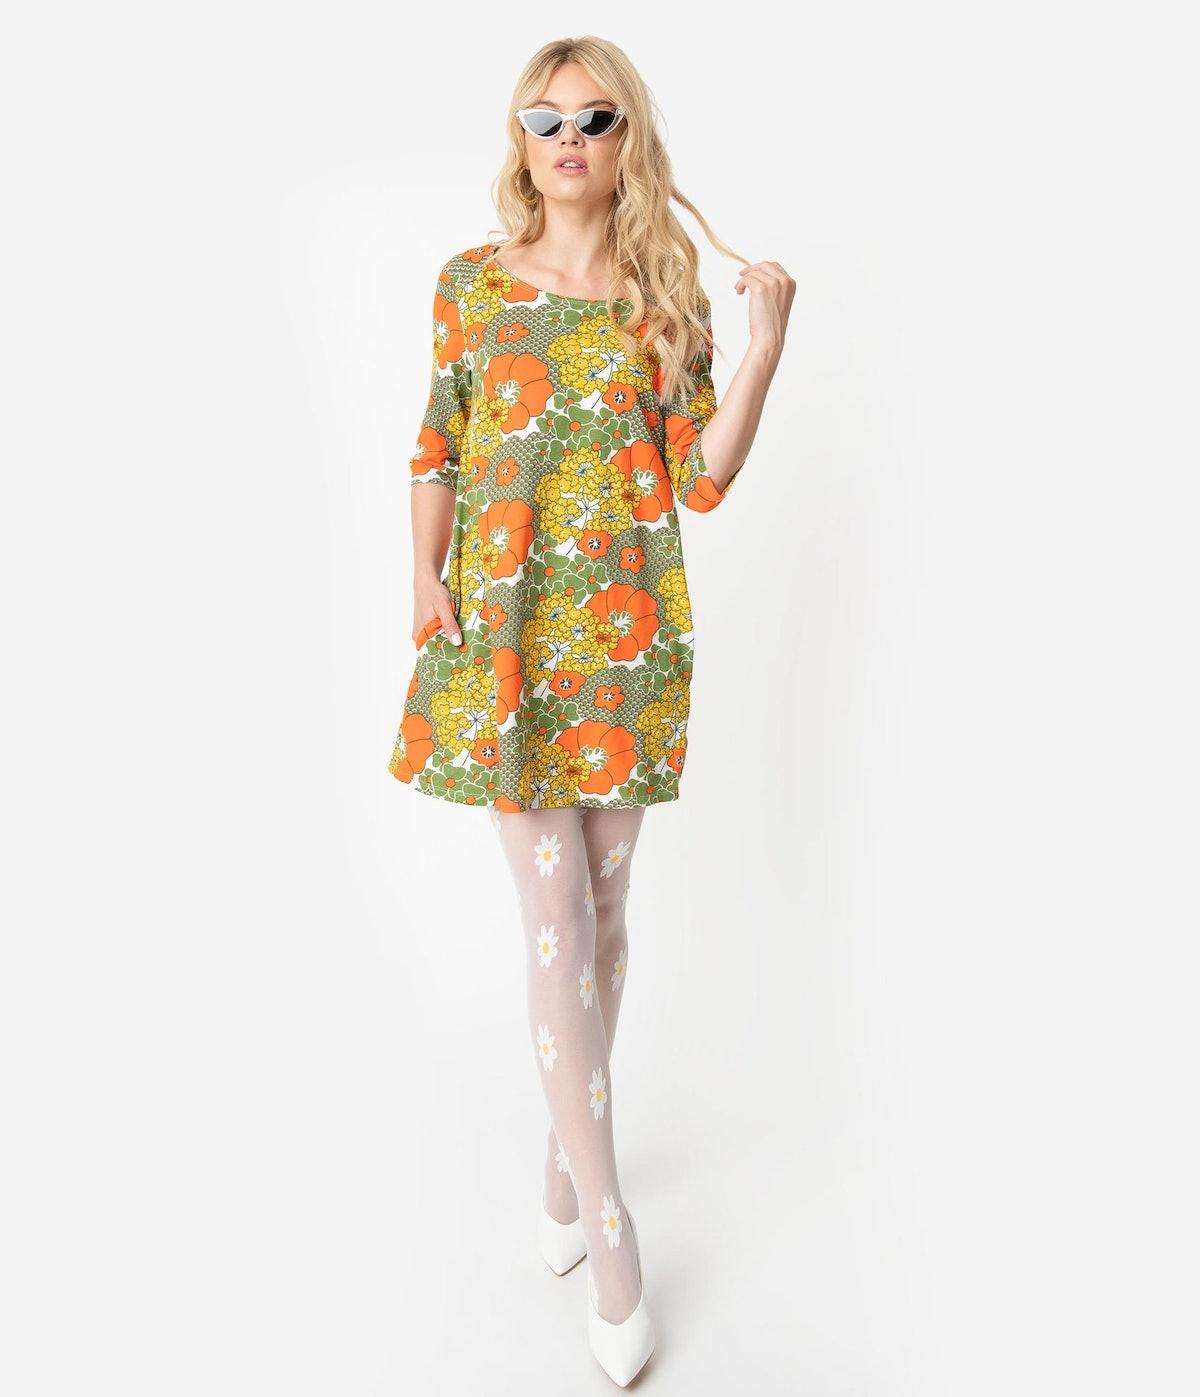 Unique Vintage 1960s Style Olive Green & Orange Retro Floral Print Cotton Tunic Dress